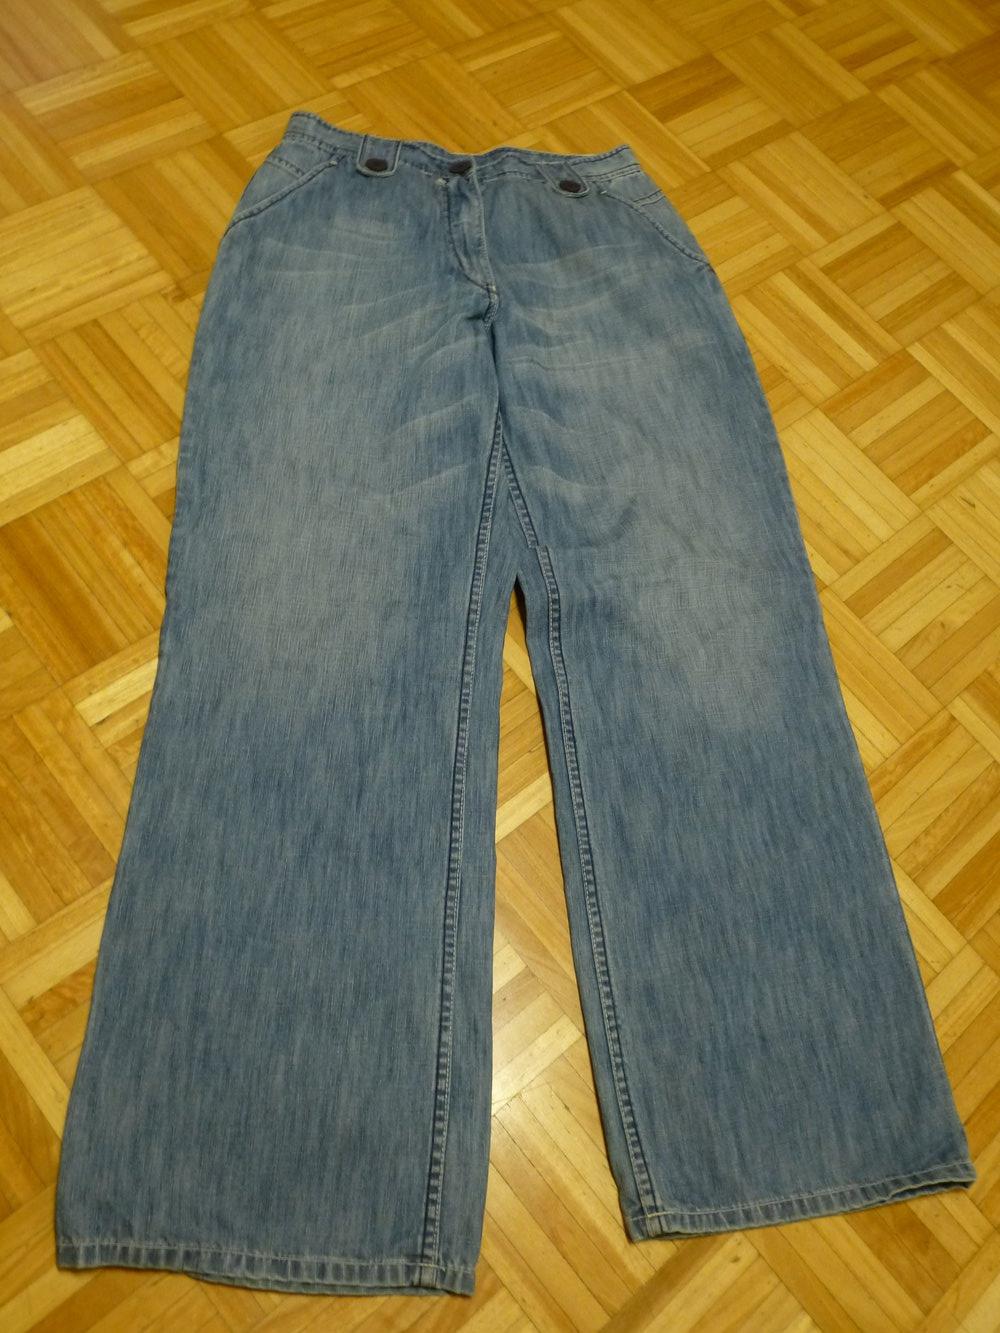 jeans hose marlene style ulla popken gr sse 42. Black Bedroom Furniture Sets. Home Design Ideas